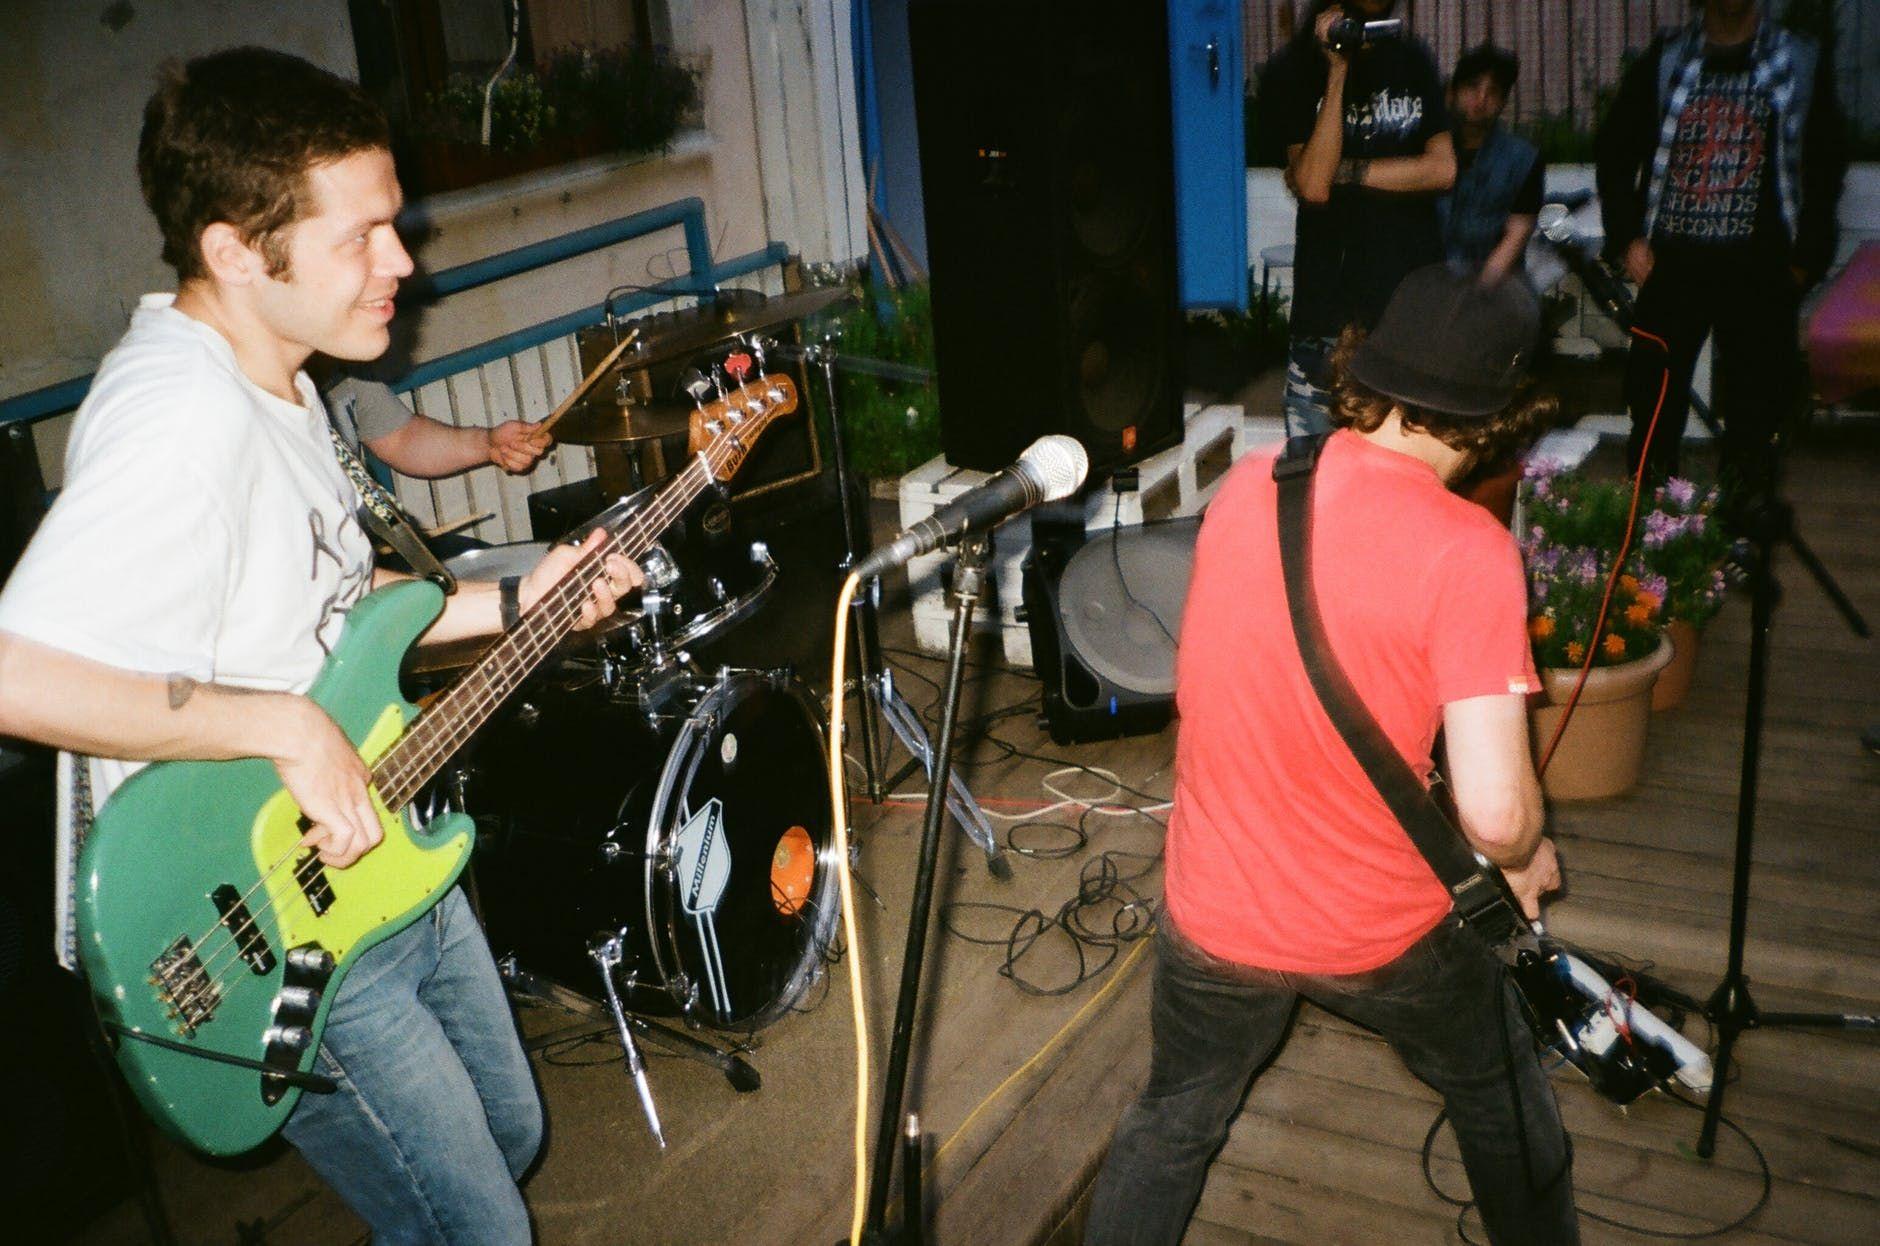 Banda de rock independente tocando ao vivo